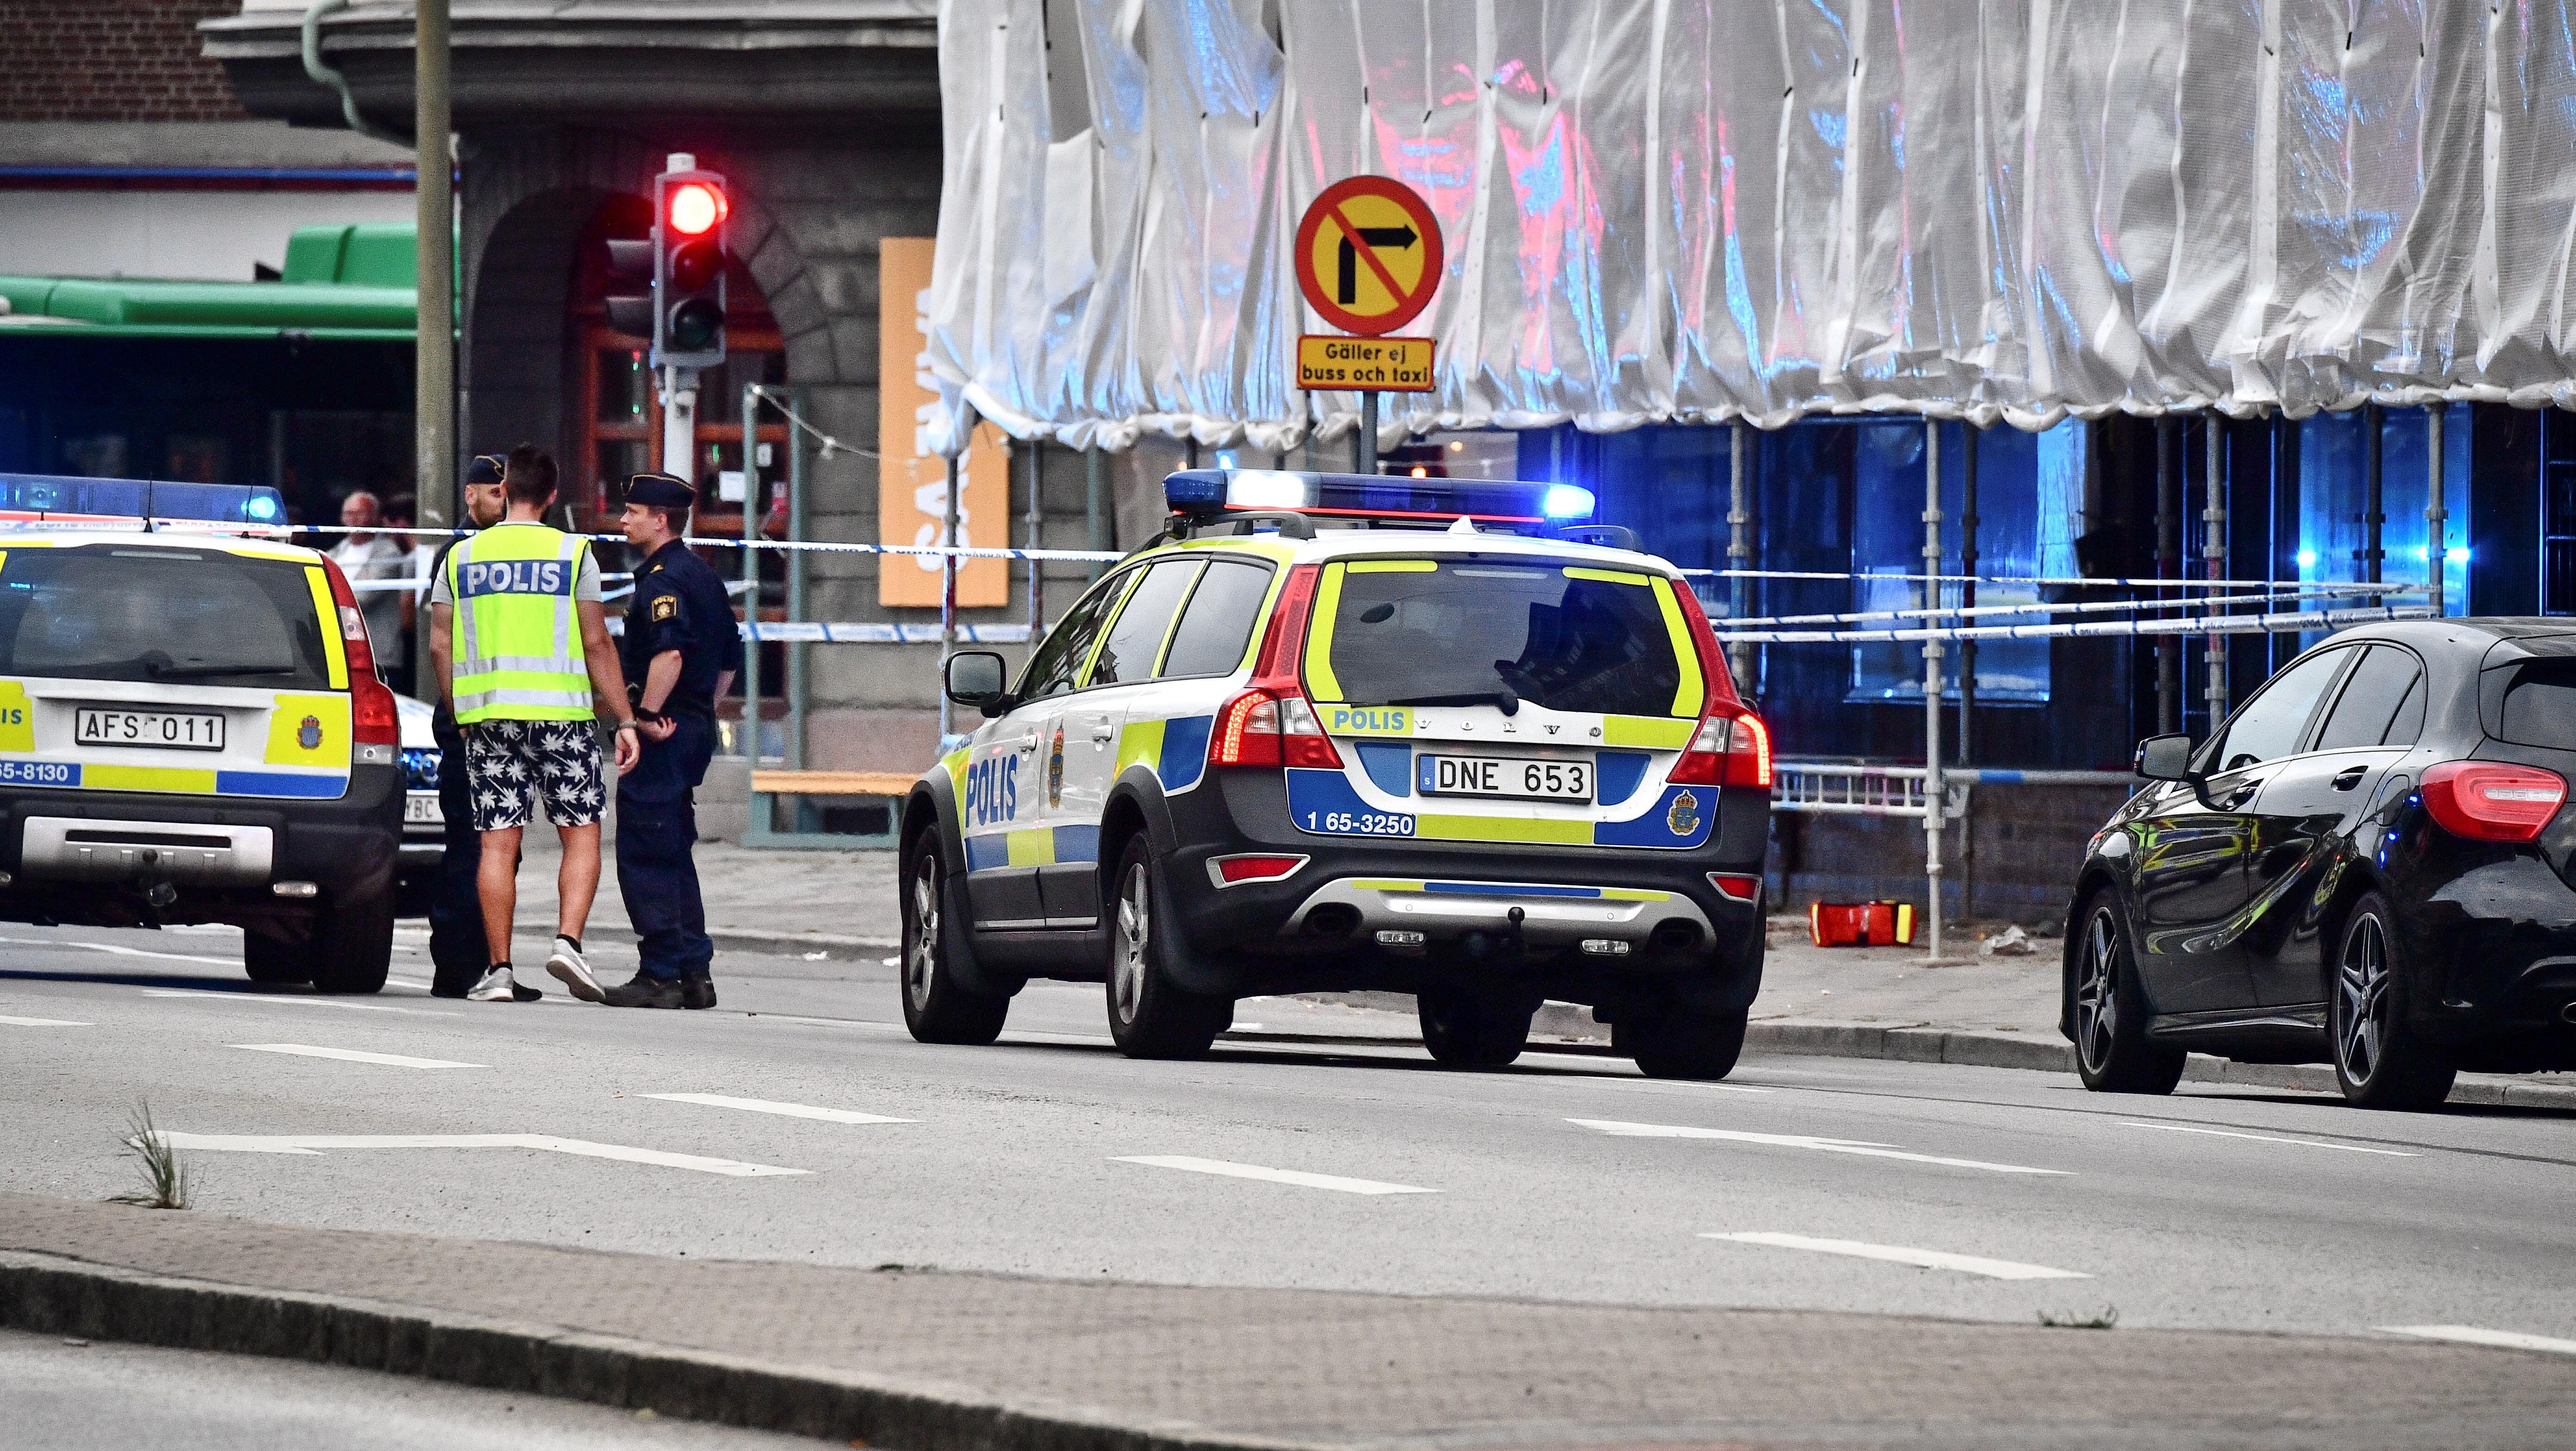 Sparatoria in centro a Malmo in Svezia, ci sono feriti